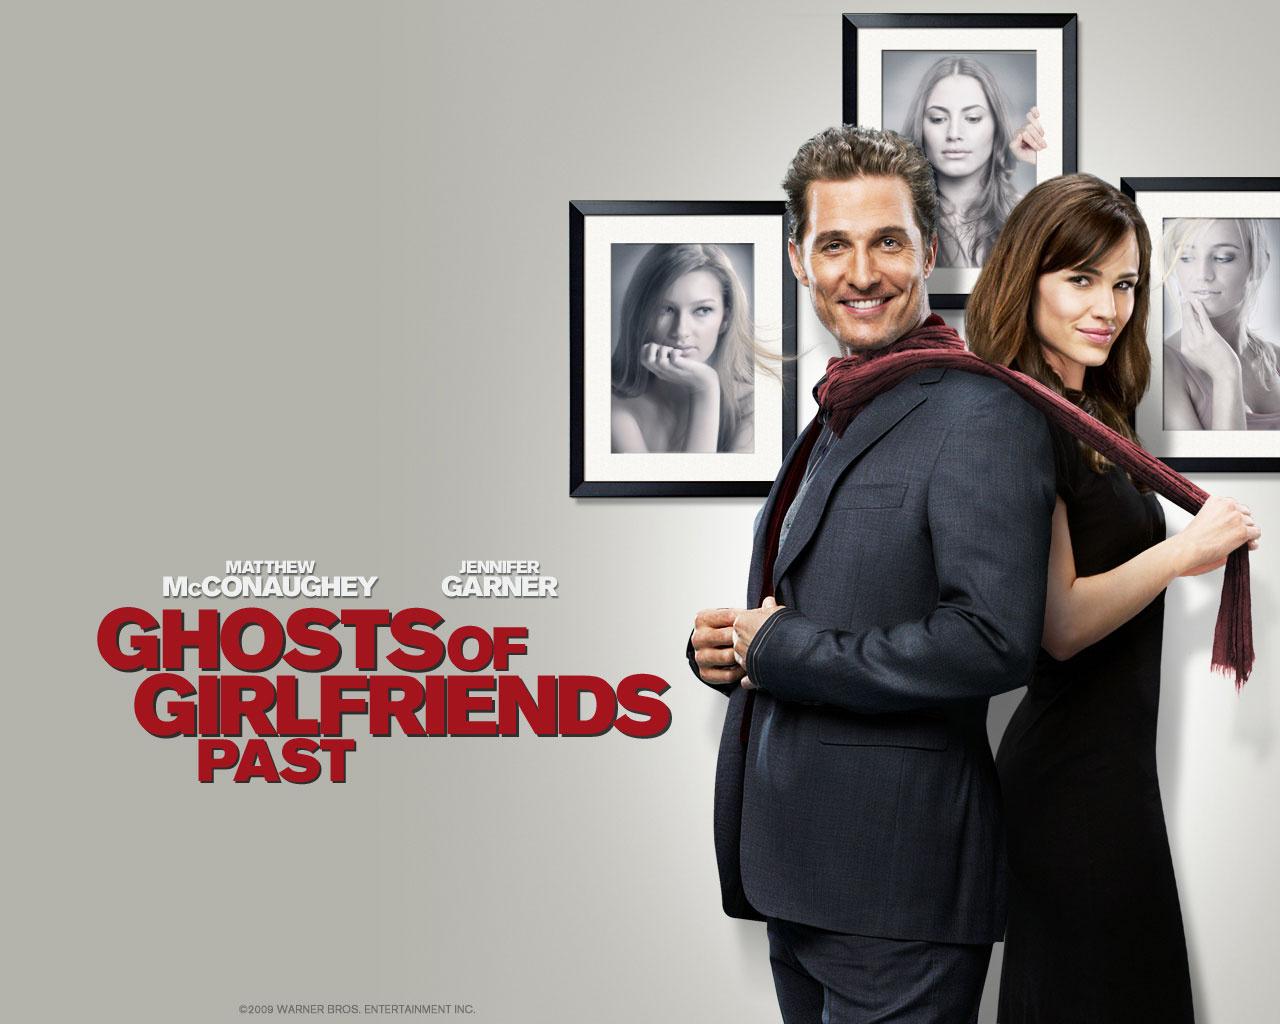 http://1.bp.blogspot.com/-URWdOmG2SyA/TxQ5IA-vKkI/AAAAAAAAASw/Qa7heDKDU0E/s1600/ghosts_of_girlfriends_past02.jpg